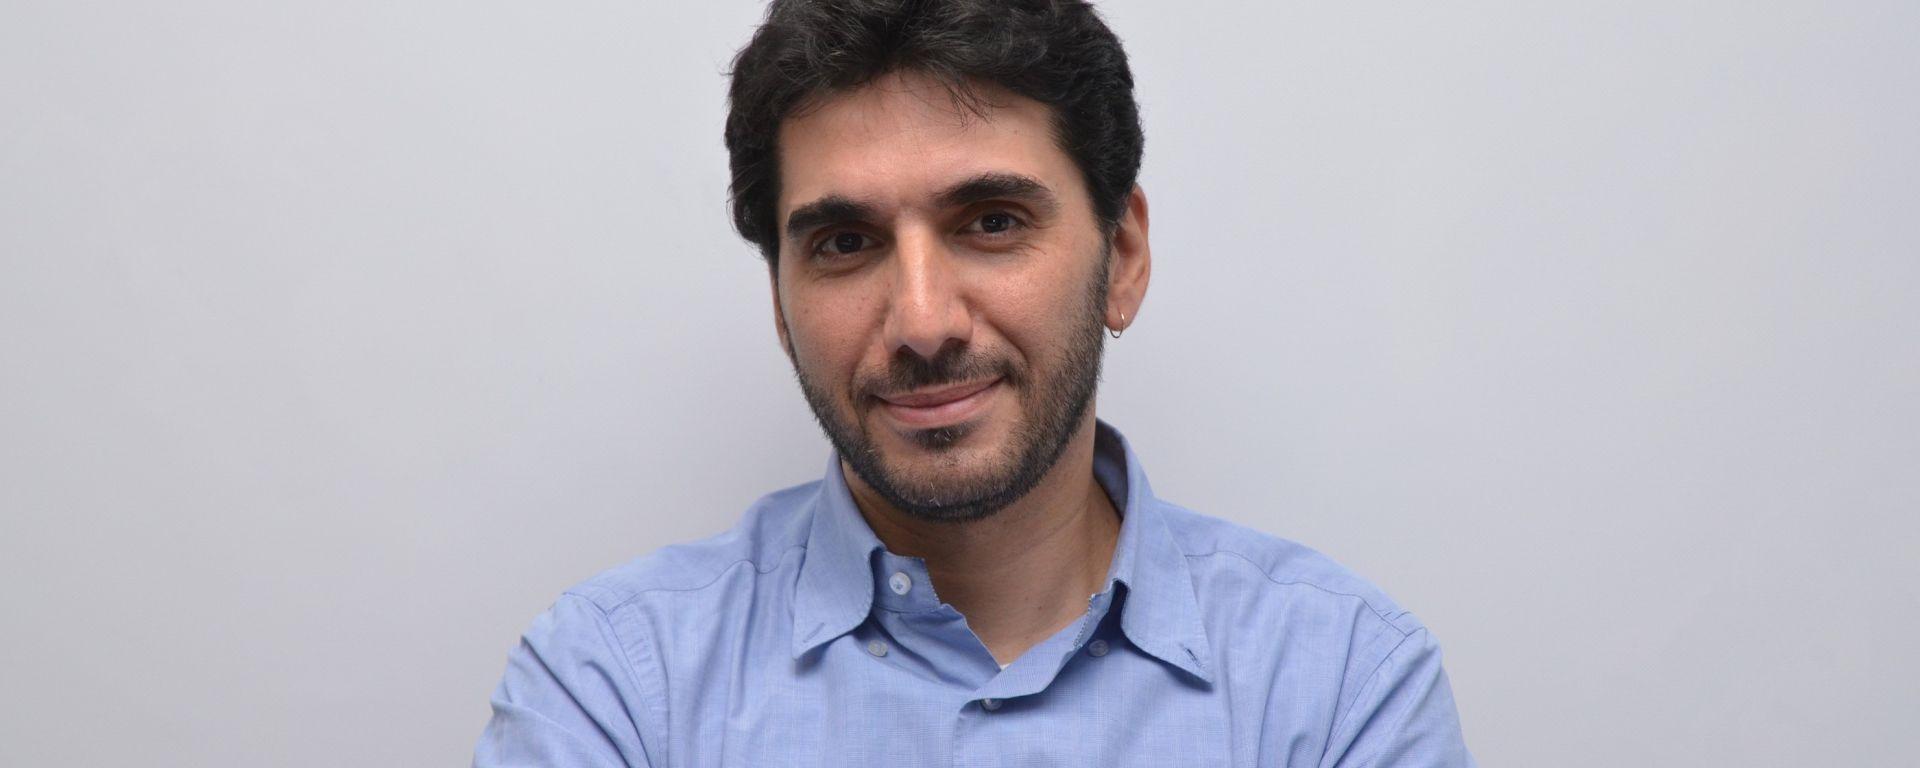 Gabriele Carè: nuovo Coordinatore Marketing Suzuki ITalia divisione Moto